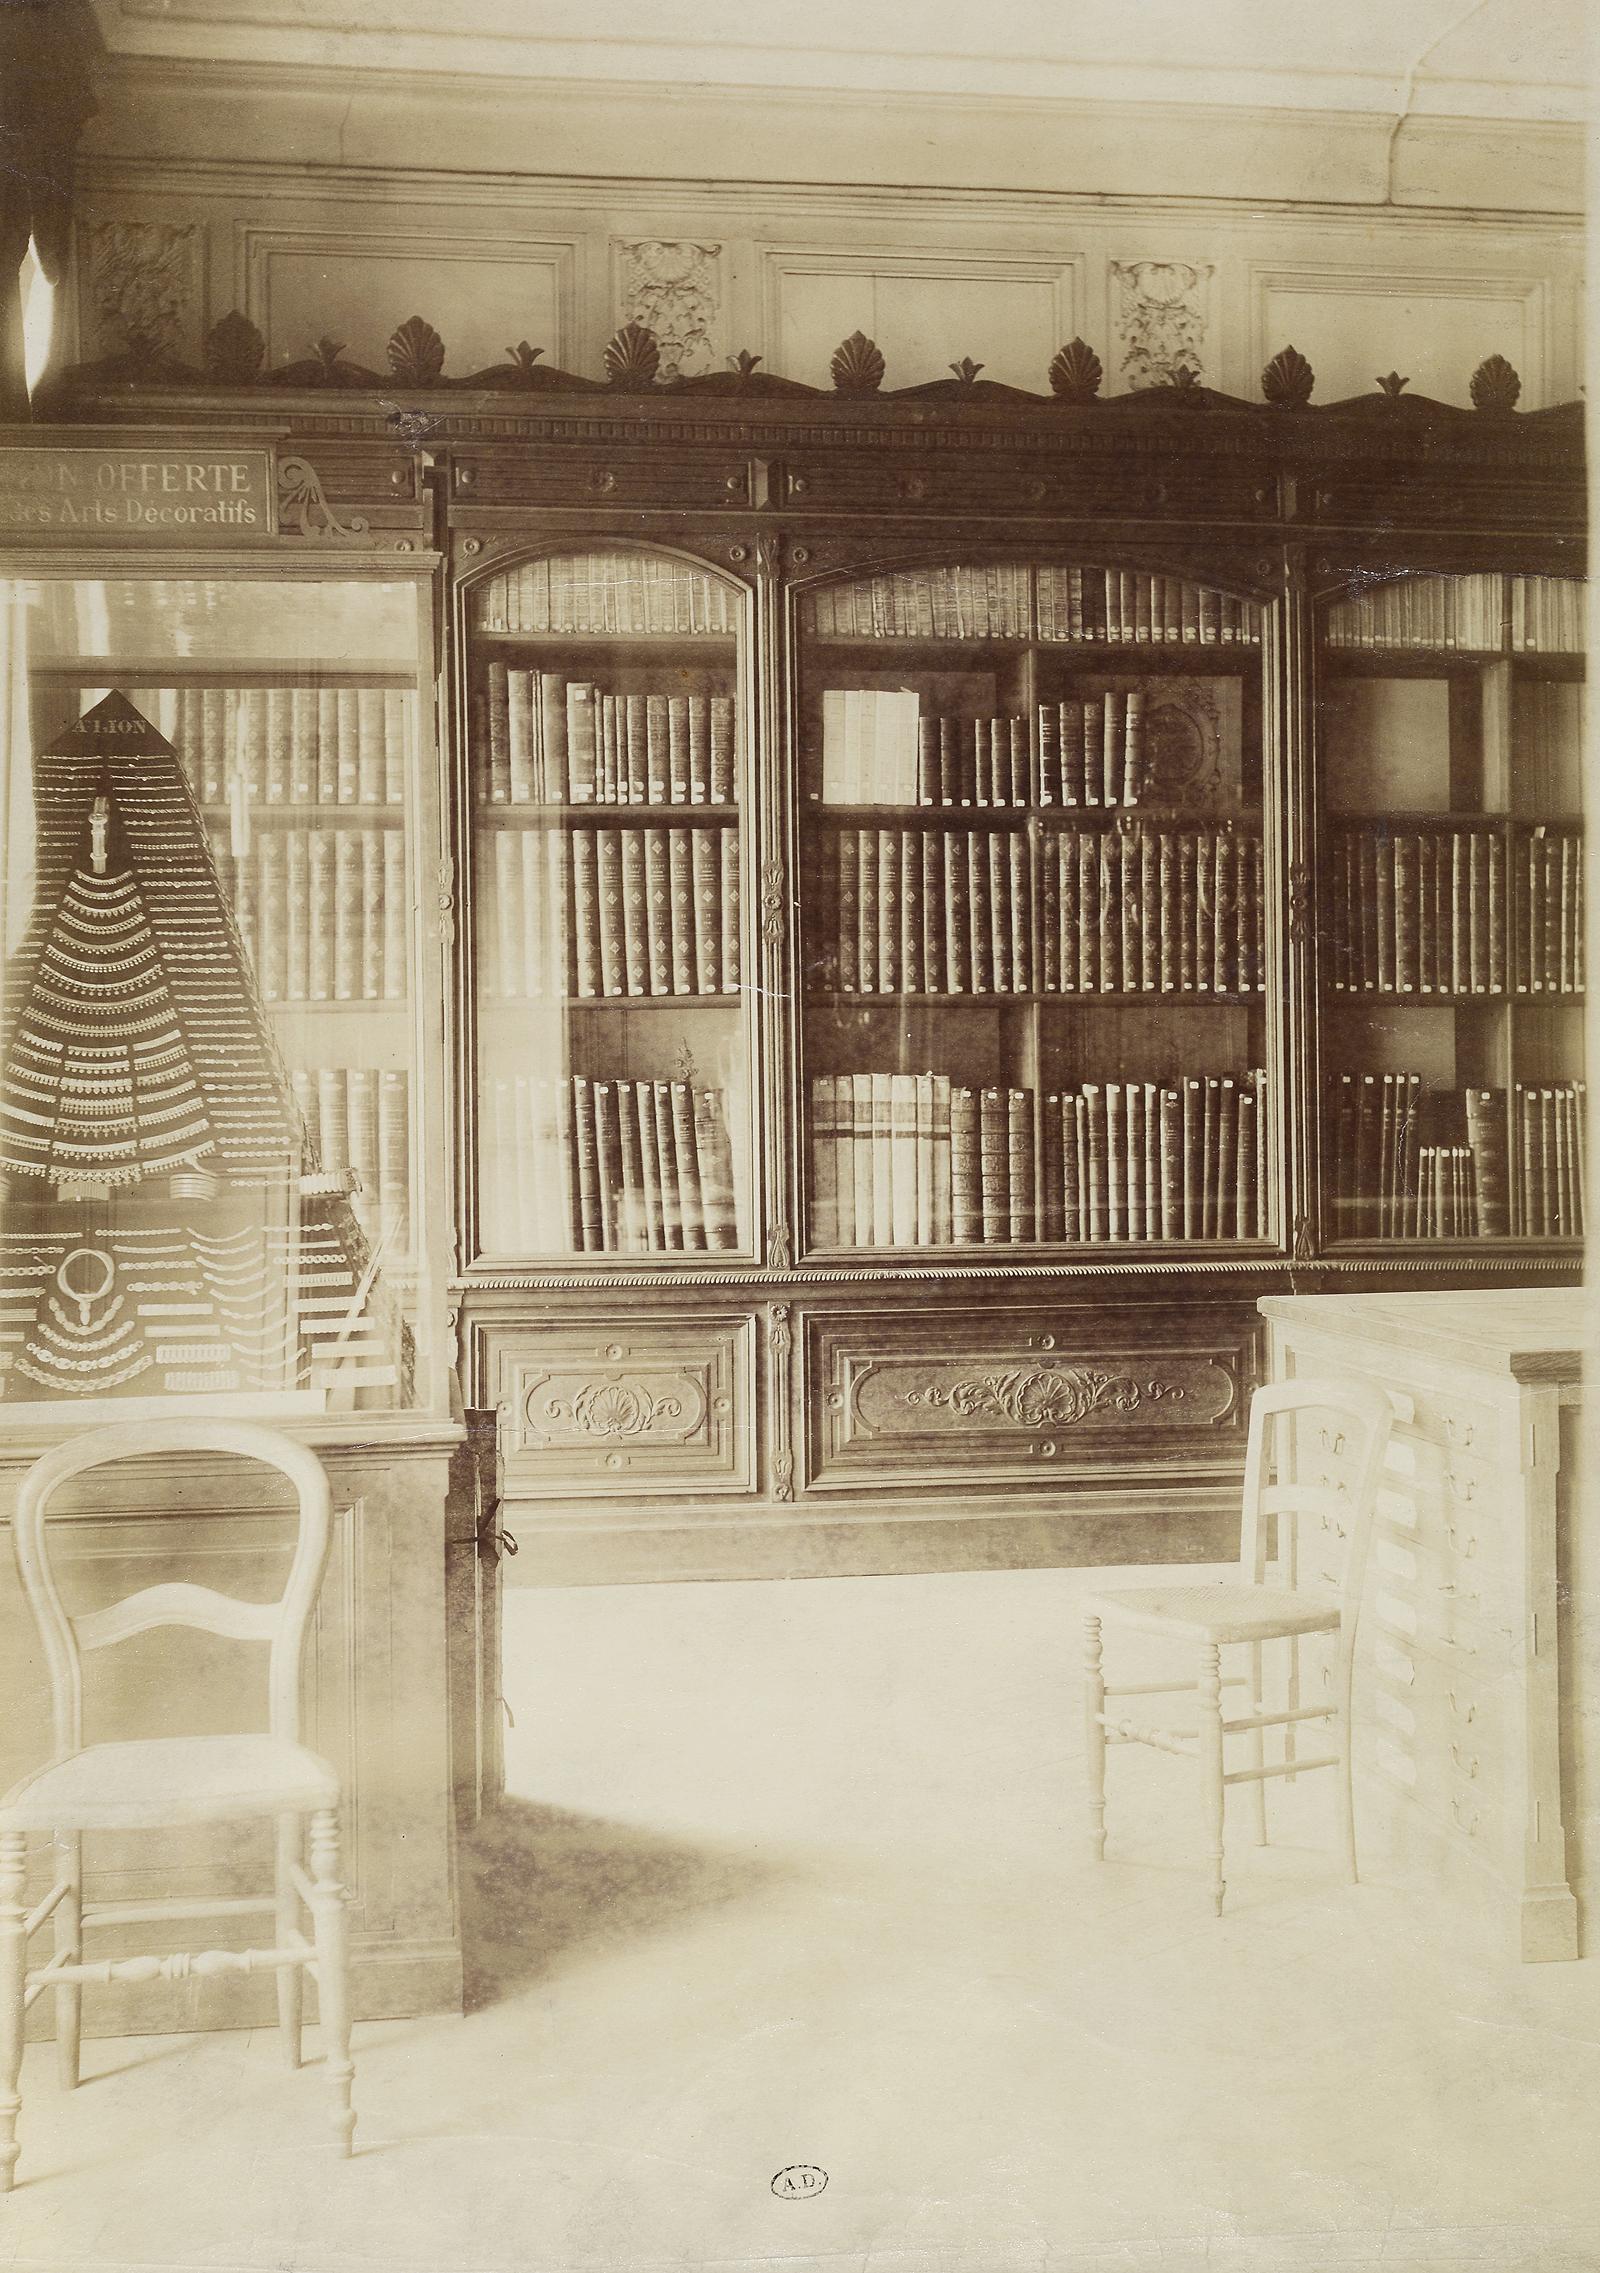 inv 7936 vue d une salle de la biblioth que de l union centrale place des vosges anonyme. Black Bedroom Furniture Sets. Home Design Ideas